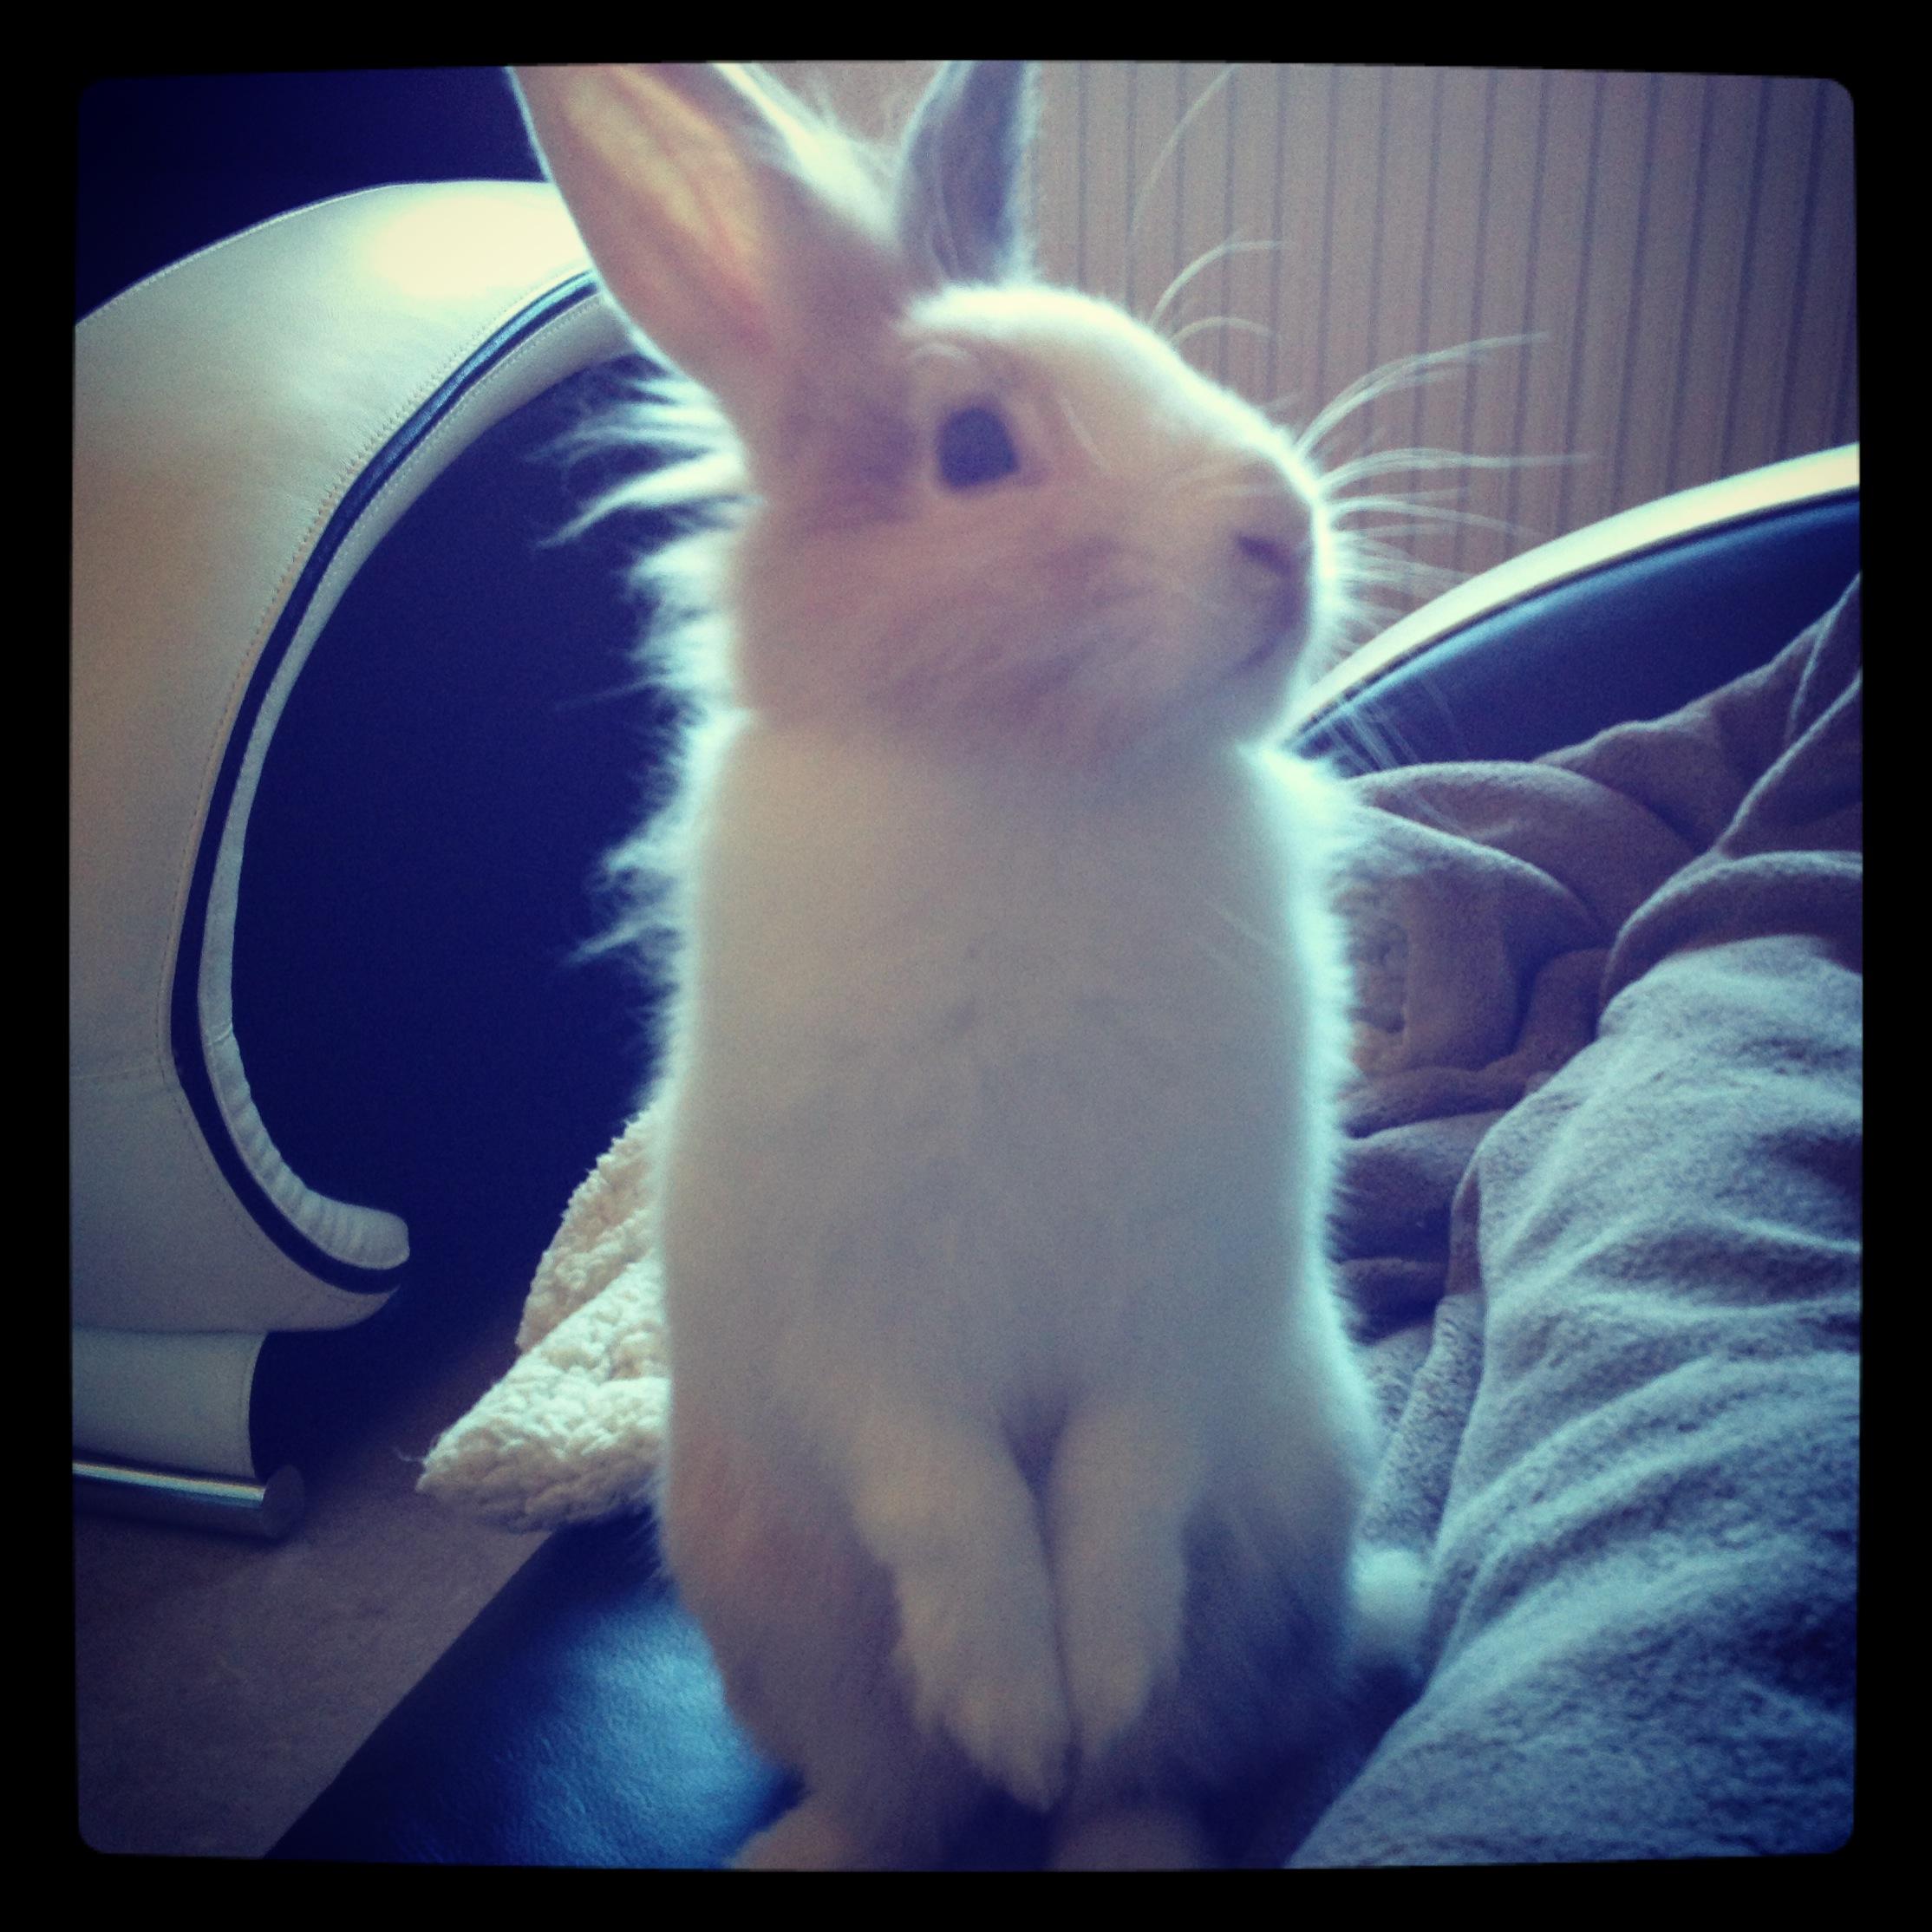 le lapin : un animal de compagnie à part entière